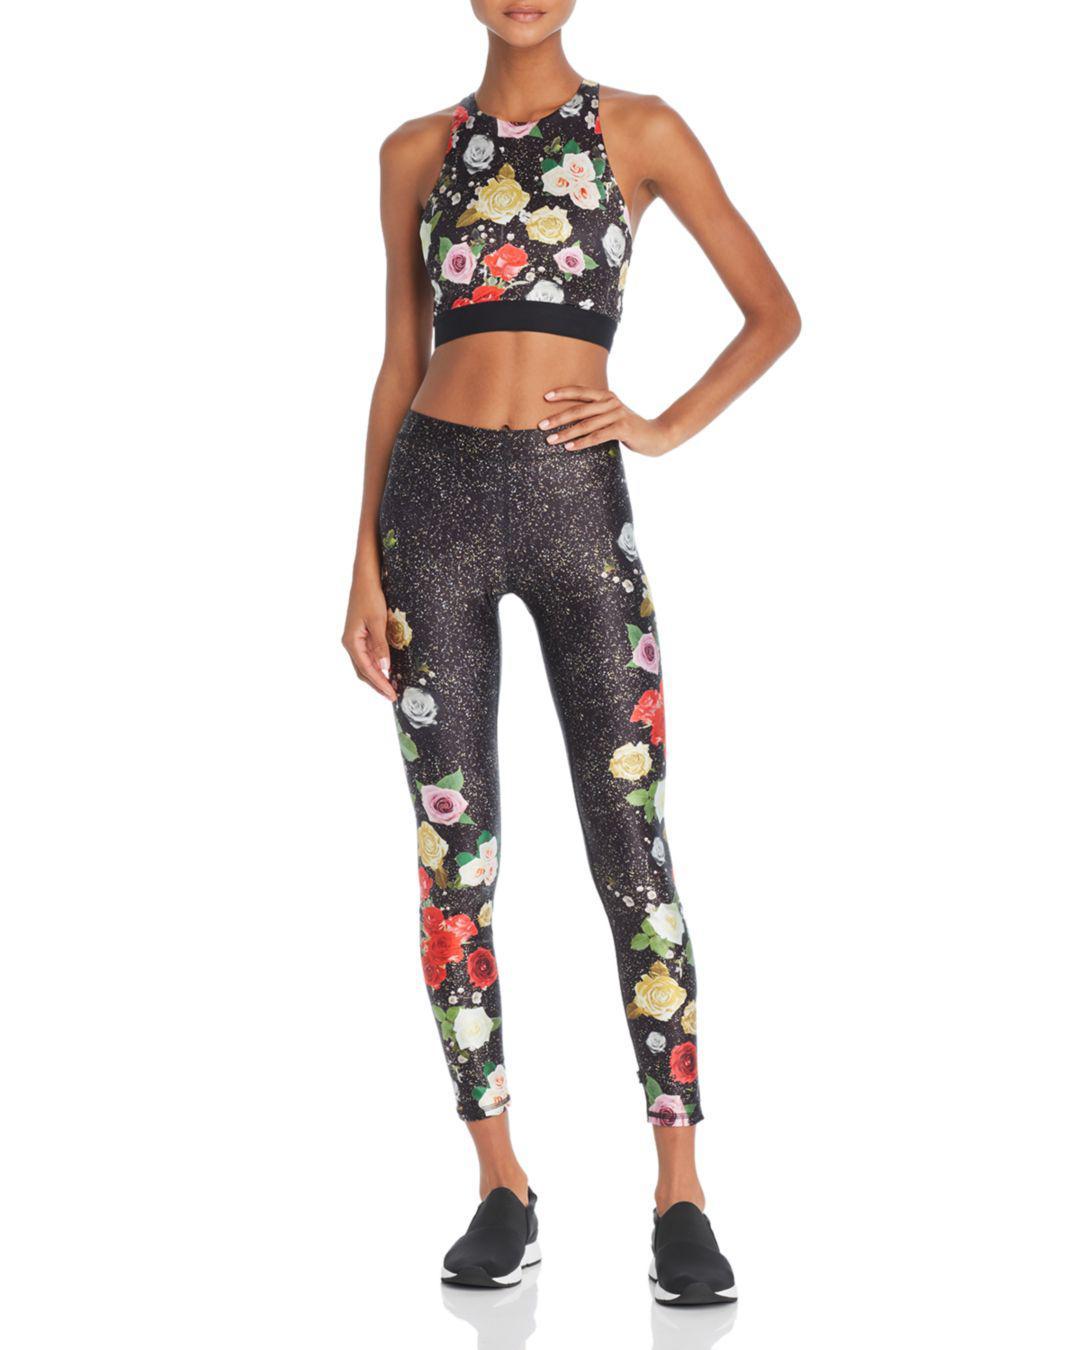 ddfb7d075d Lyst - Terez Floral Glitter Print Sports Bra in Black